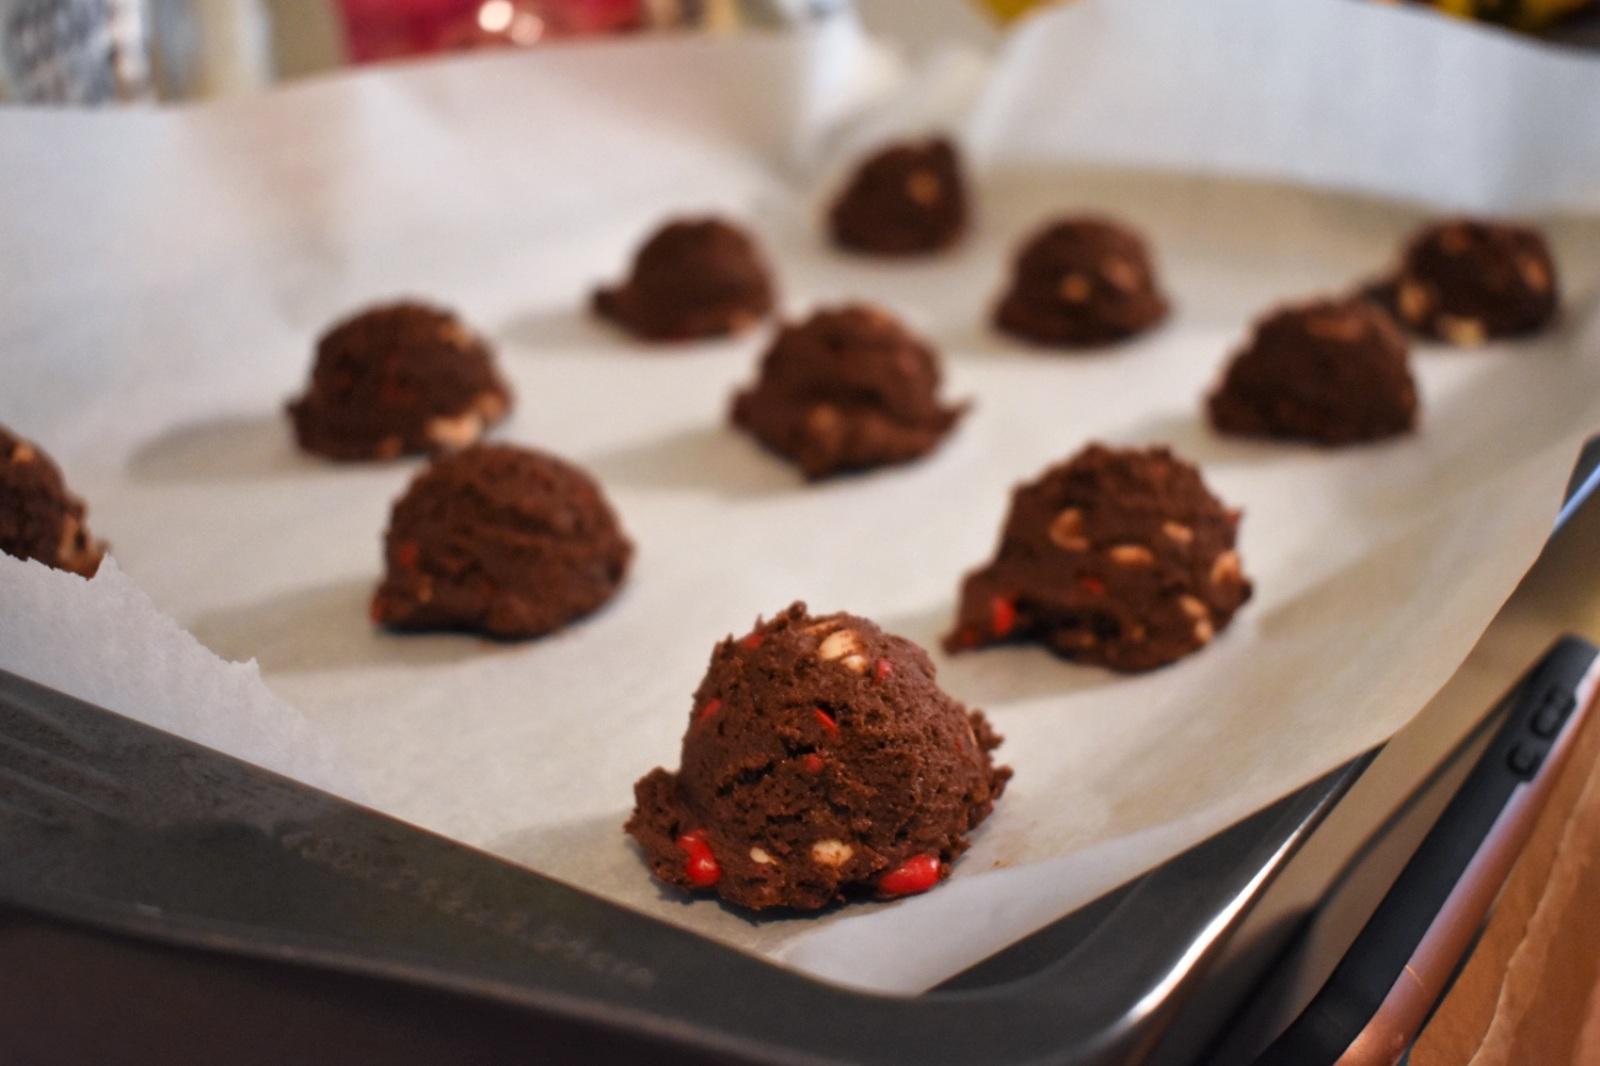 Biscuits double chocolat aux coeurs de cannelle - Auboutdelalangue.com (8)